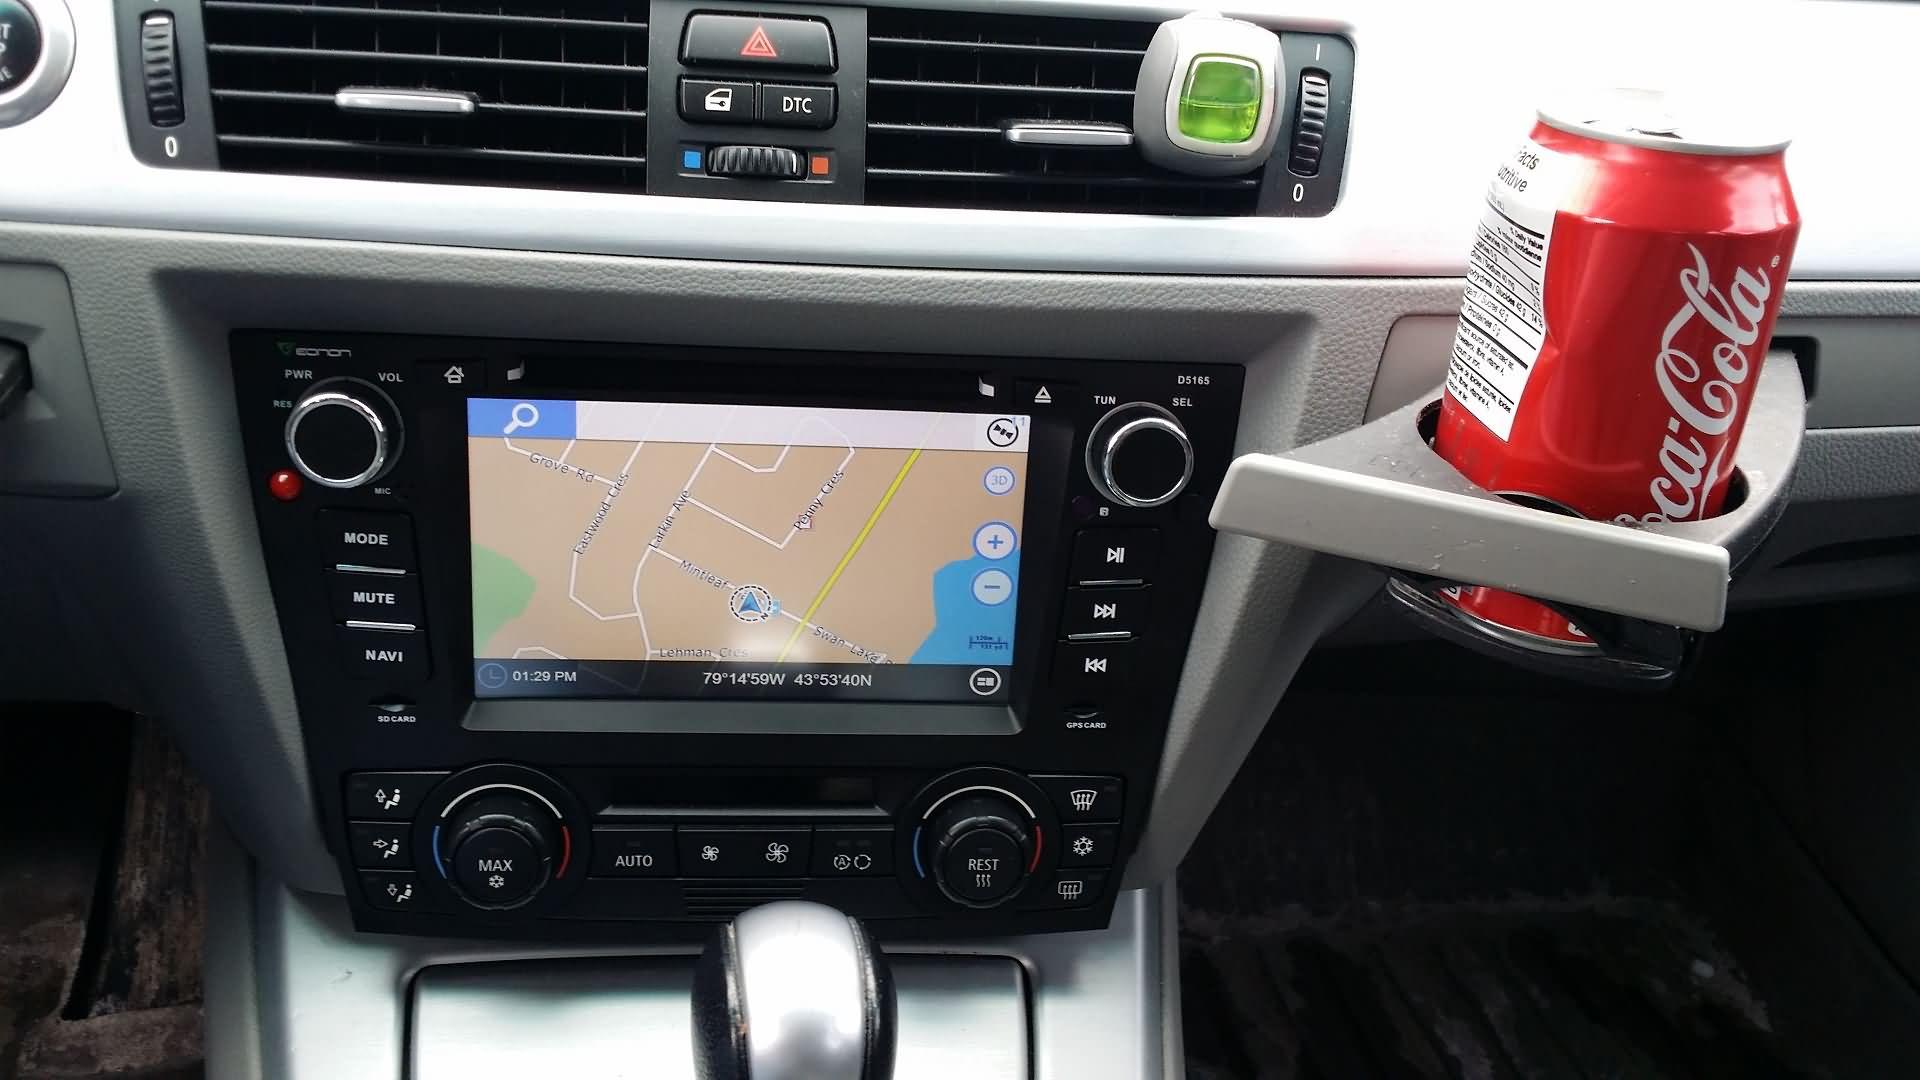 Eonon Car Gps D5165 Is Specific For Bmw E90 E91 E92 93 2006 2011 328i Double Din Archive Bimmerfest Forums